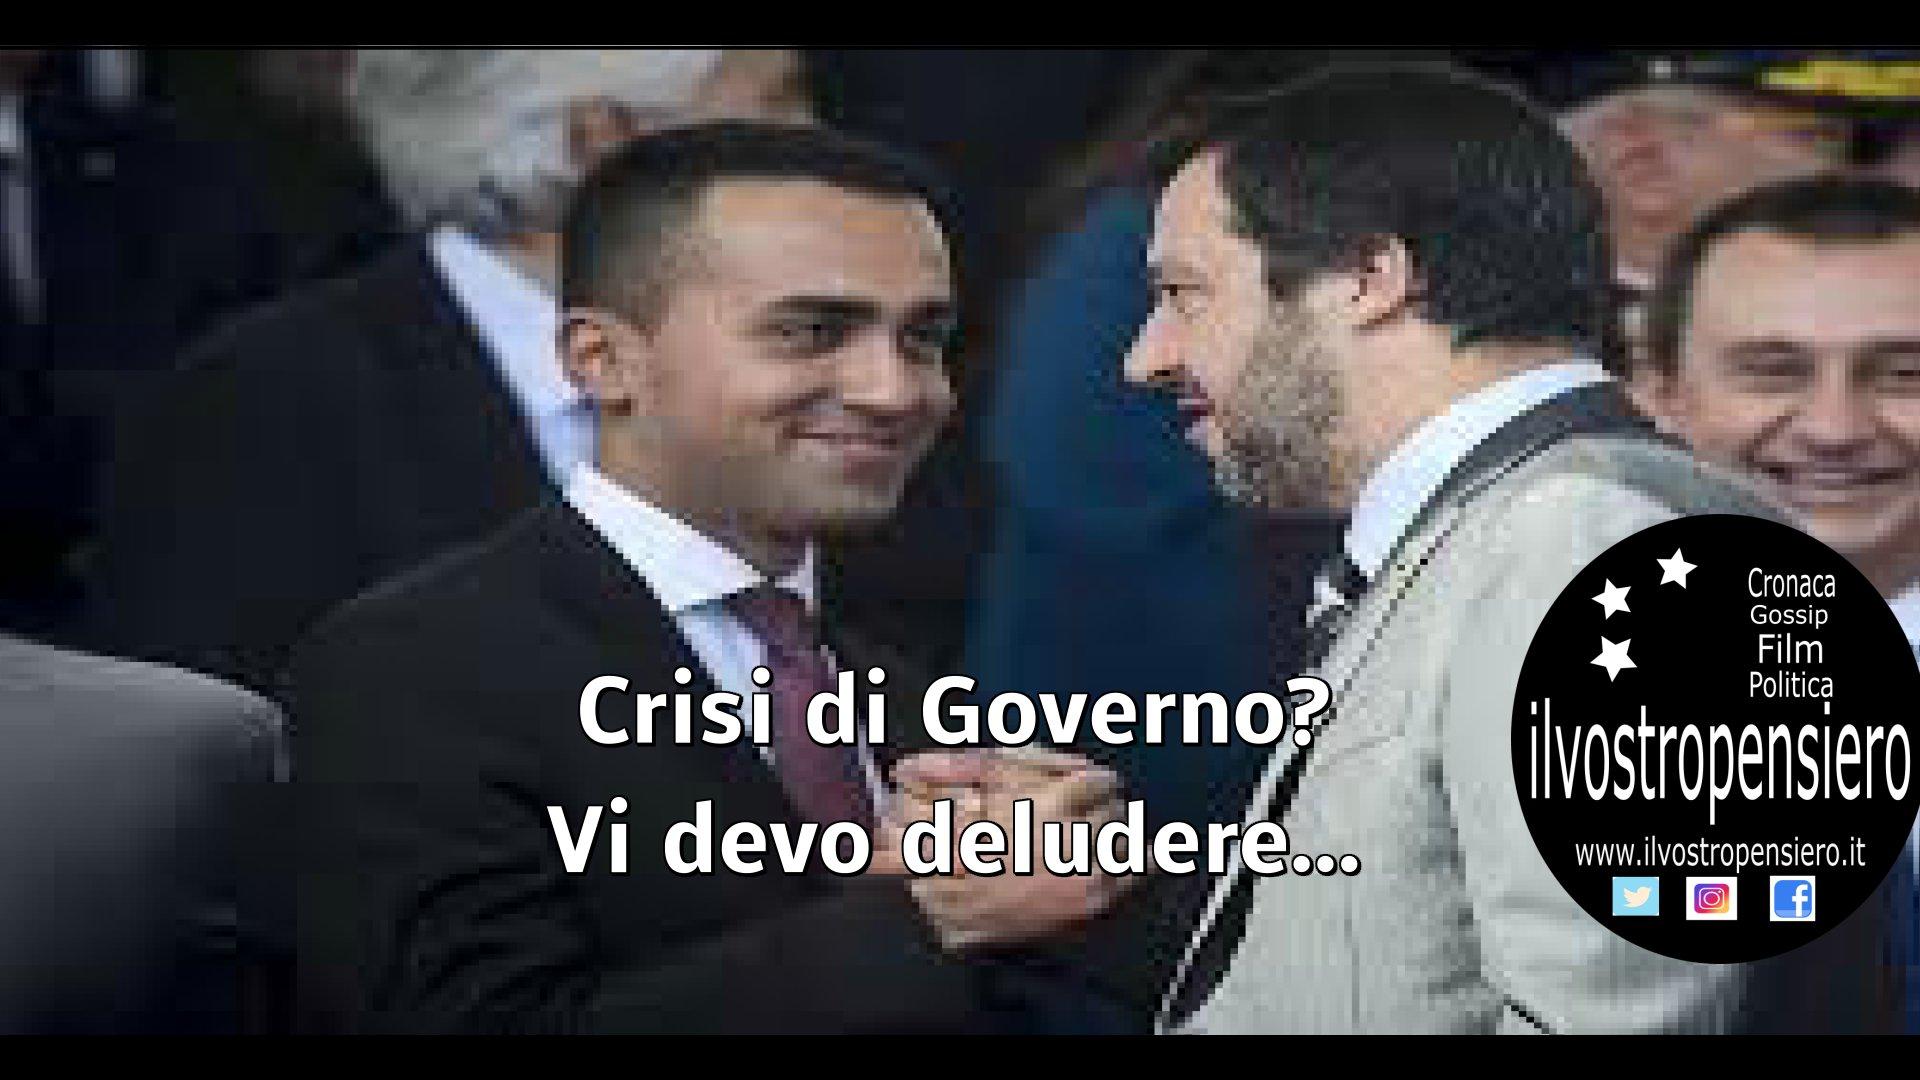 Tav: Matteo Salvini, crisi di governo?vi devo deludere Di Maio ieri mi ha anche fatto gli auguri